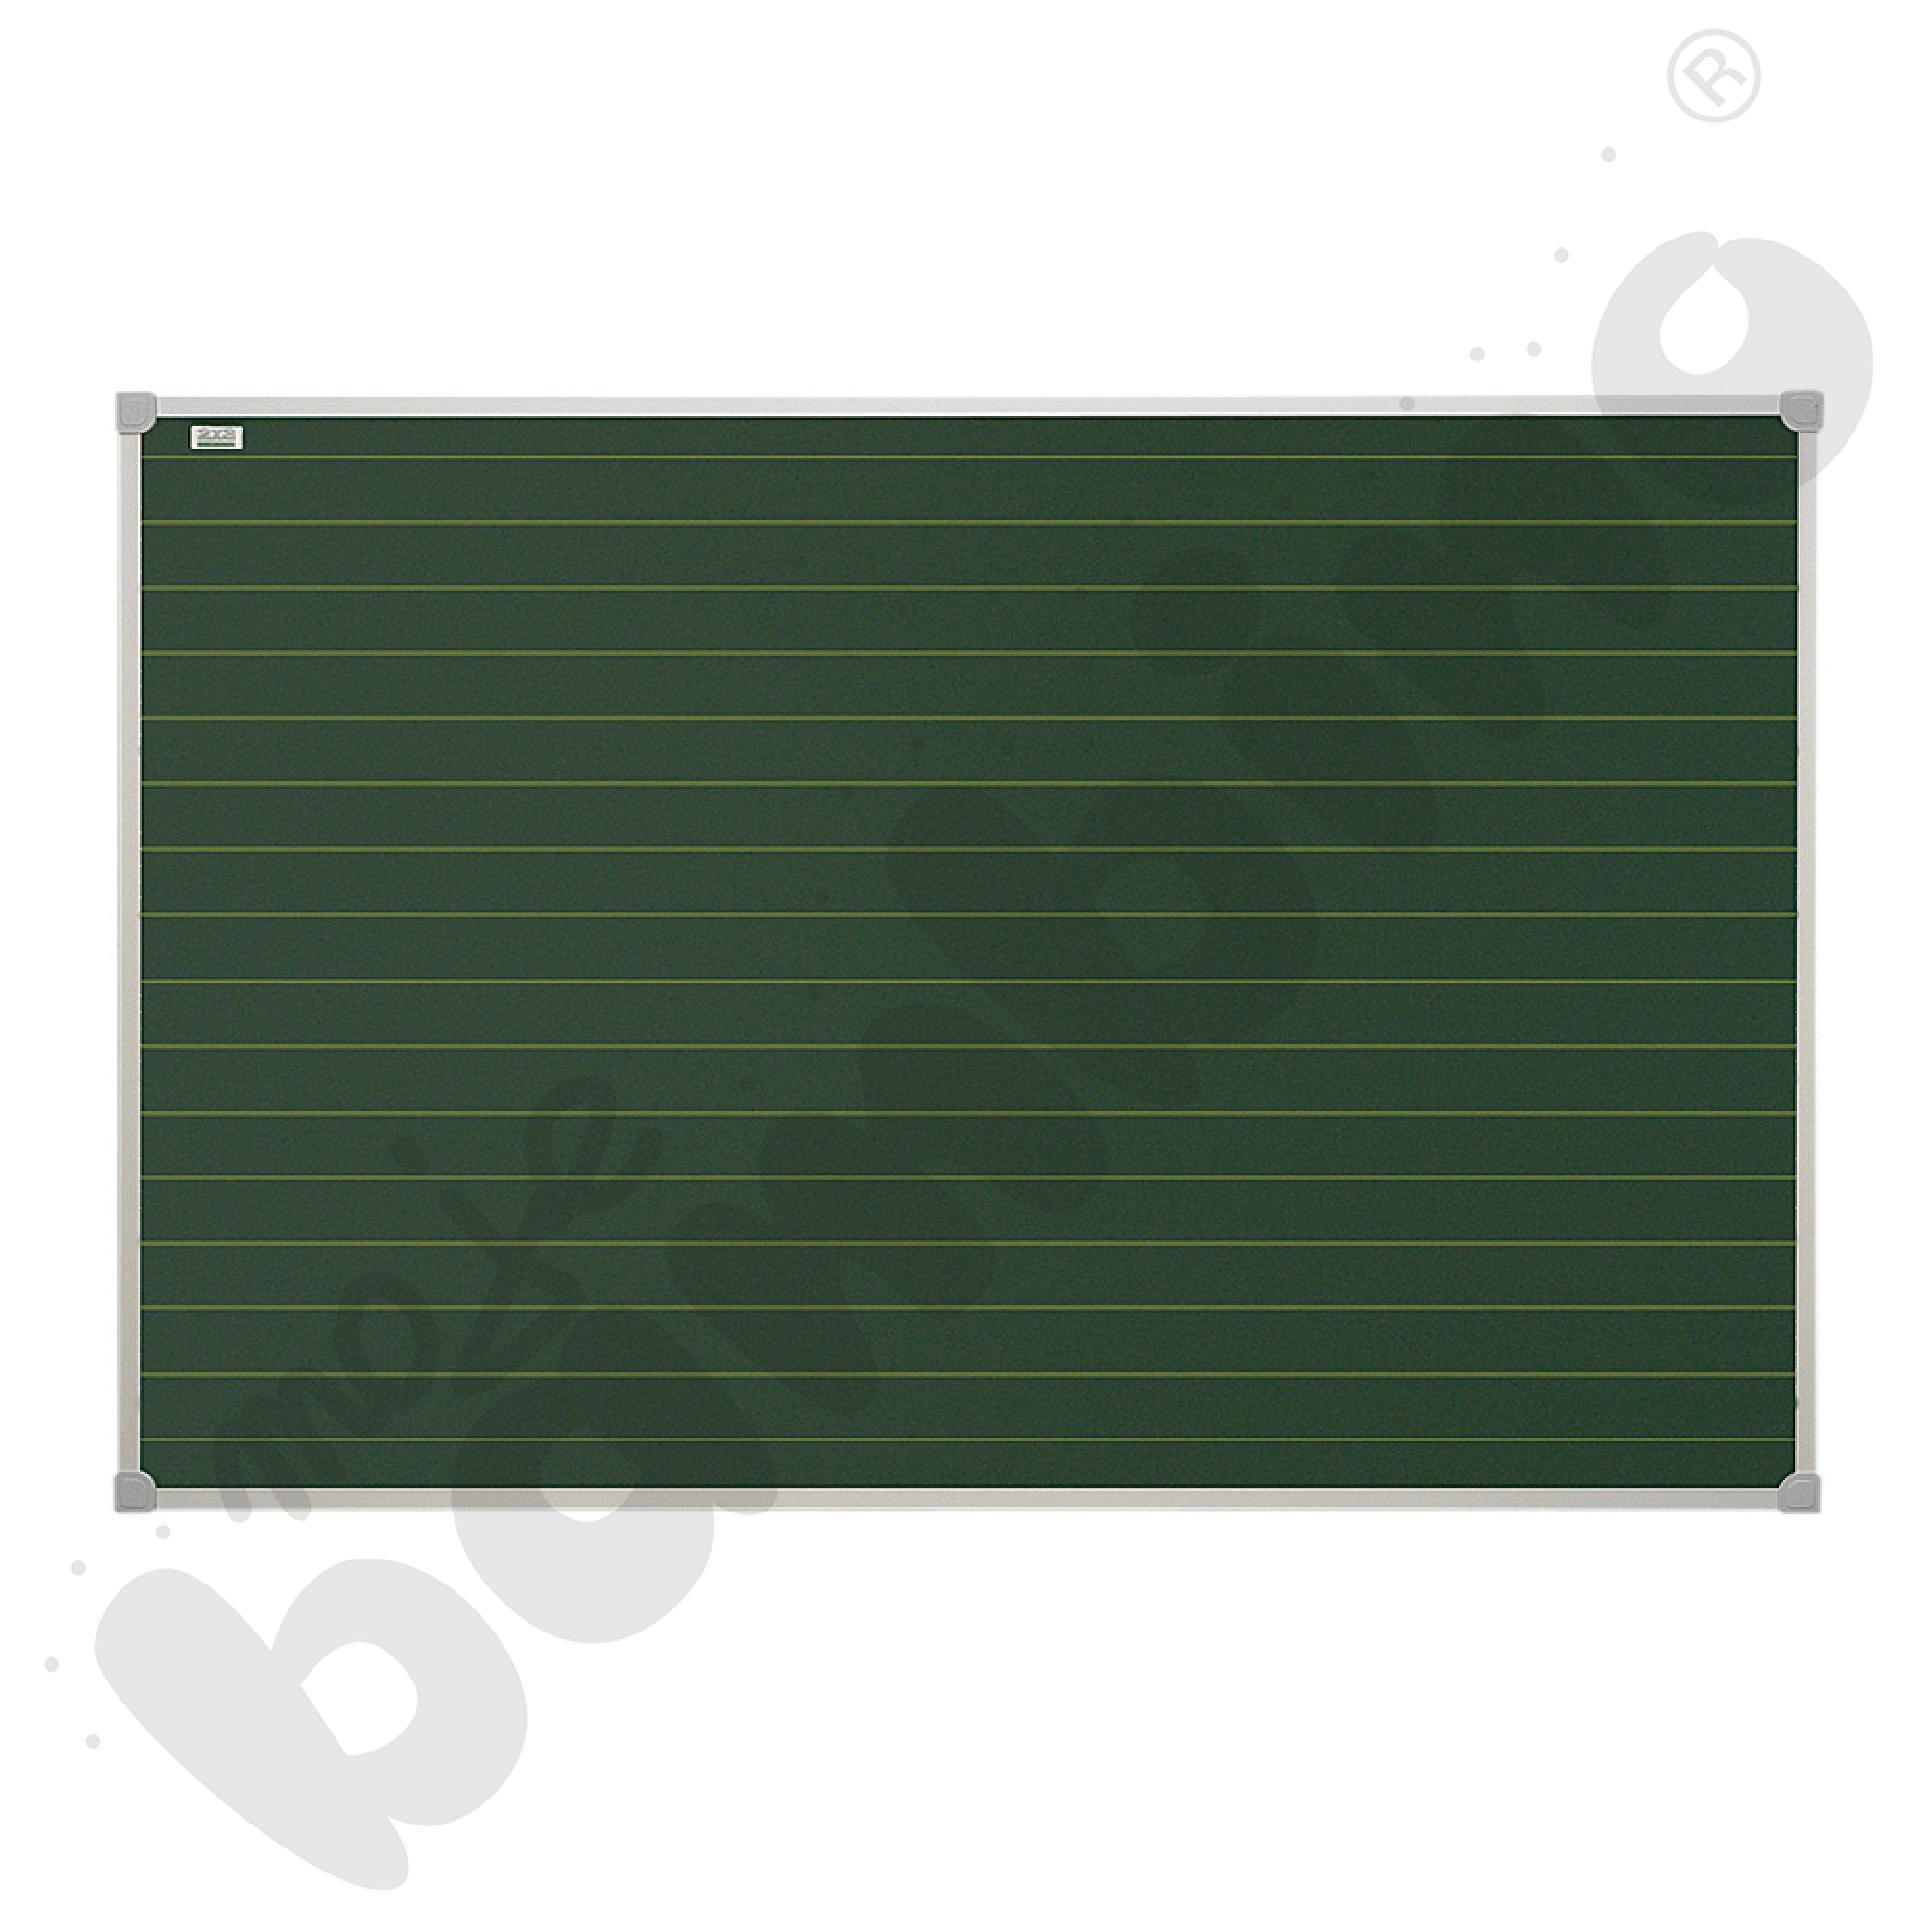 Tablica szkolna pojedyncza zielona w linie